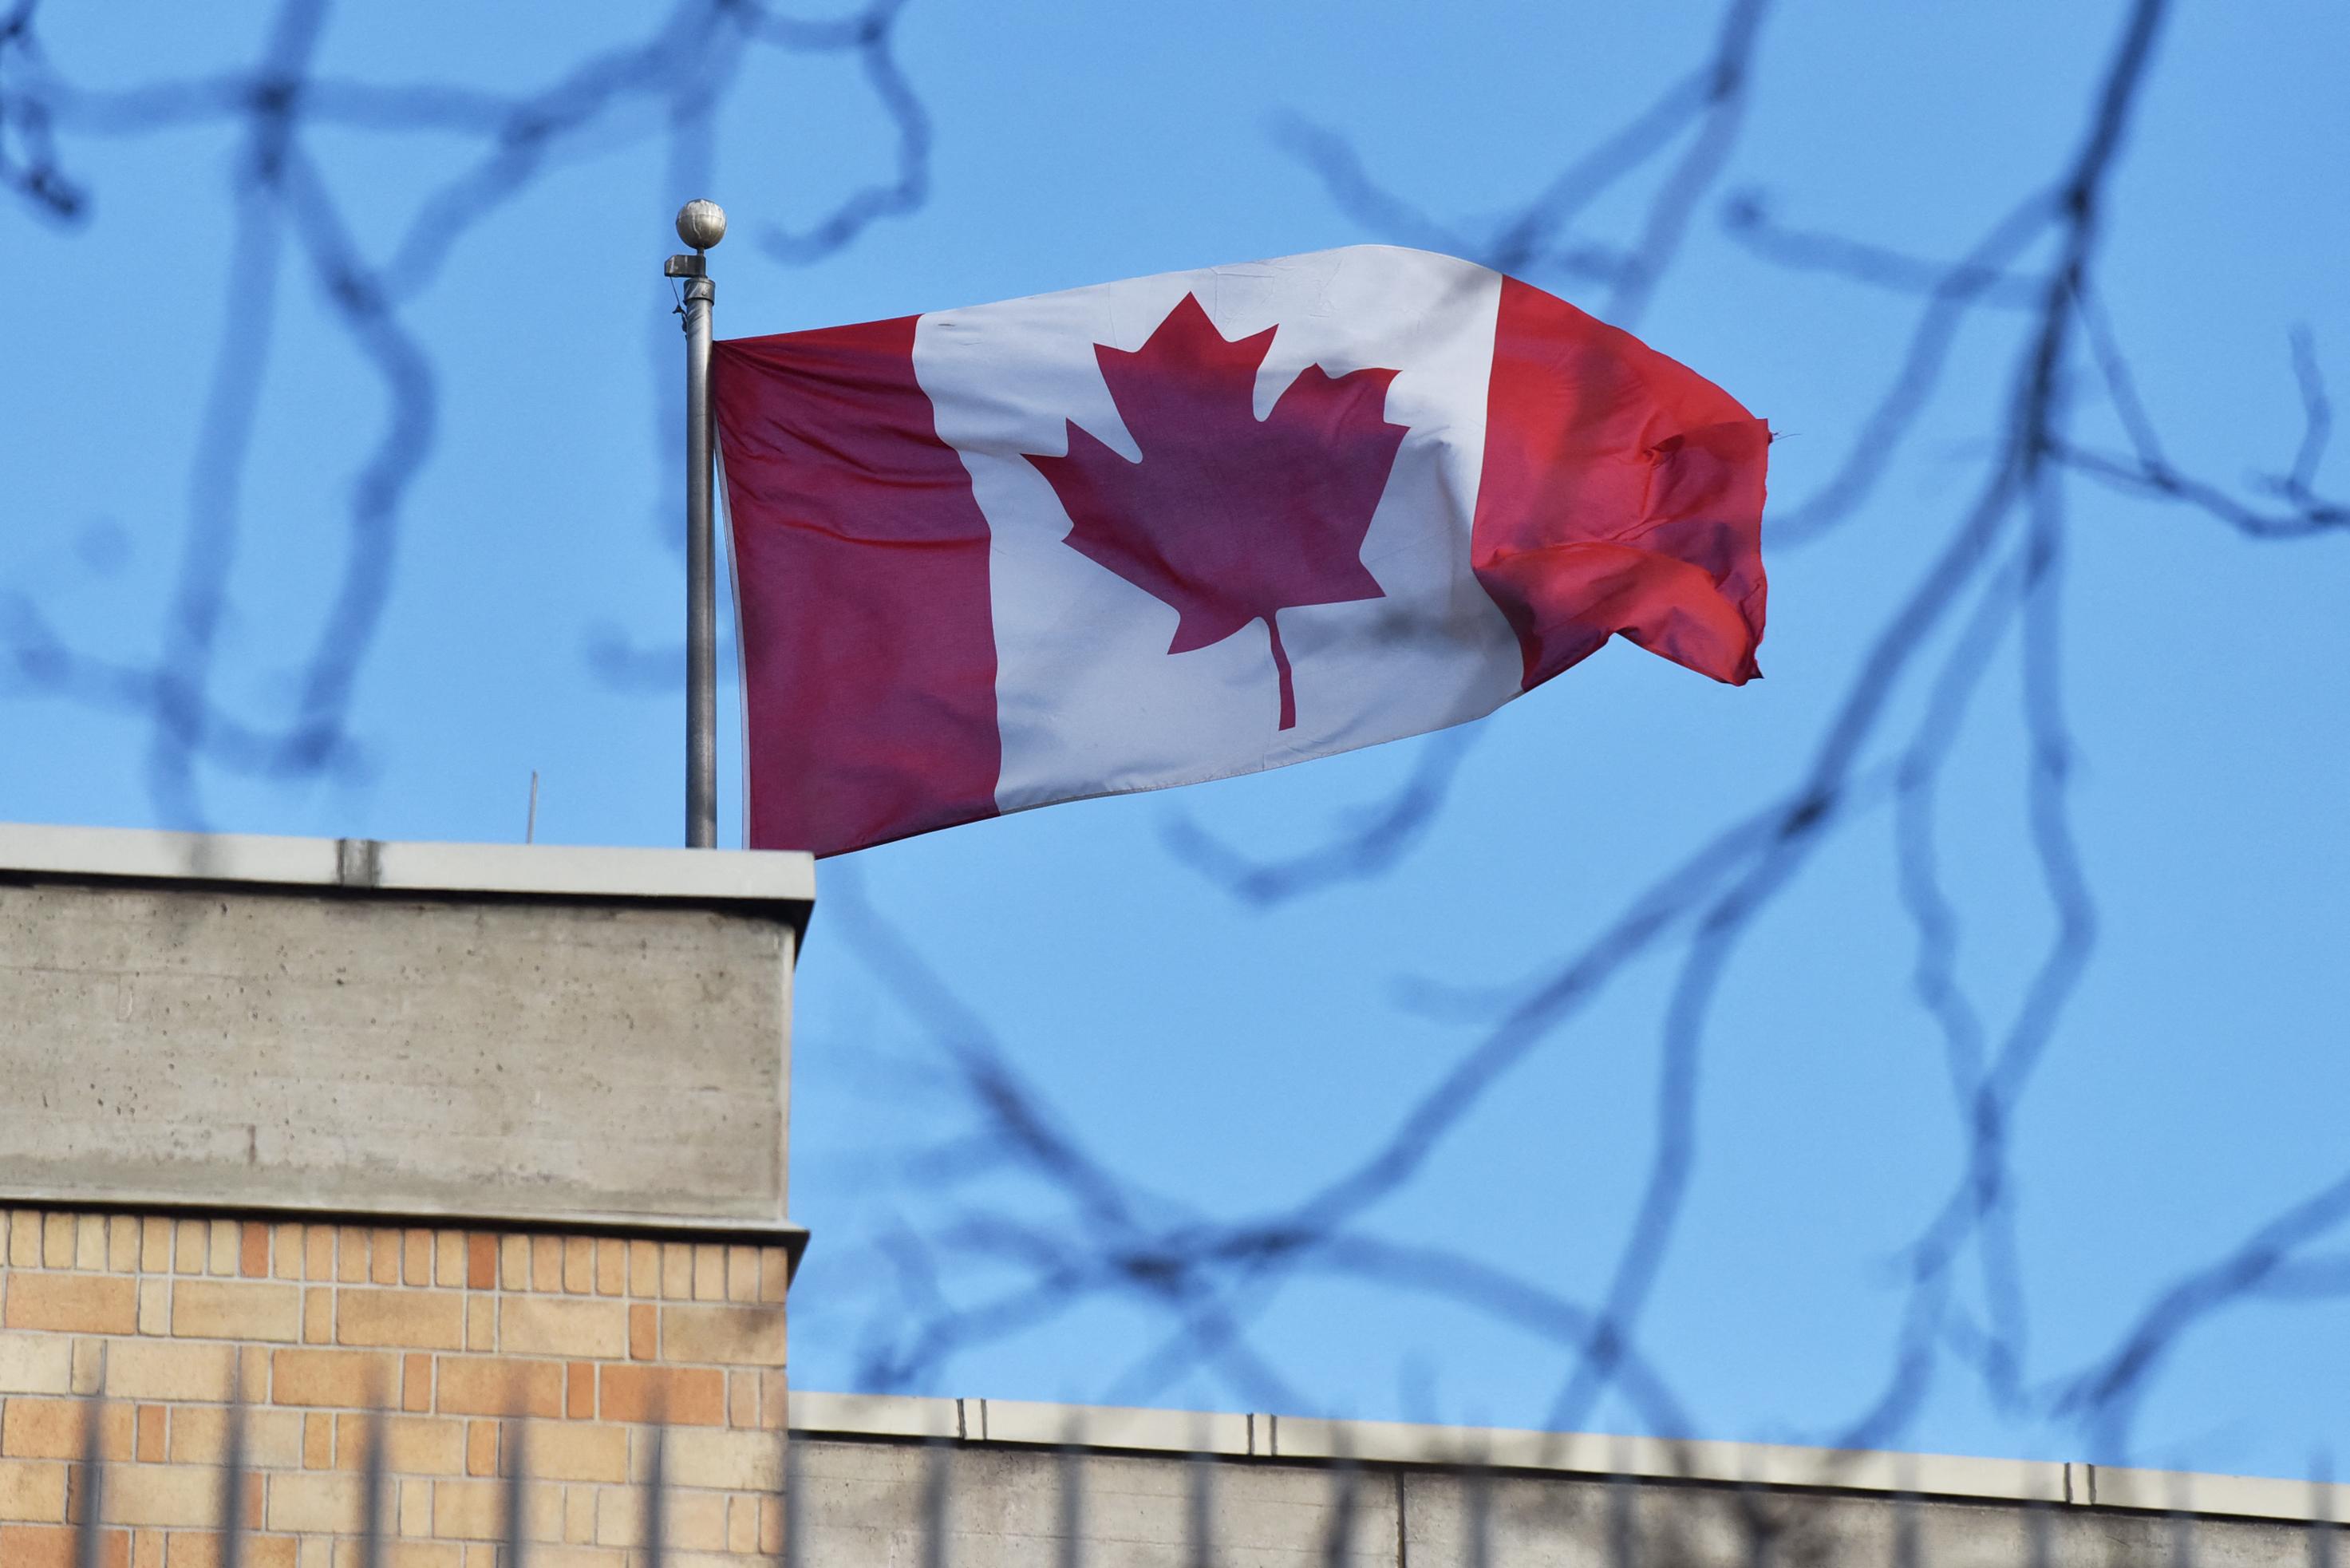 Hülyét csinált magából a kanadai hírszerzés, amikor egy kettős ügynökről szóló idézettel toboroztak kémeket